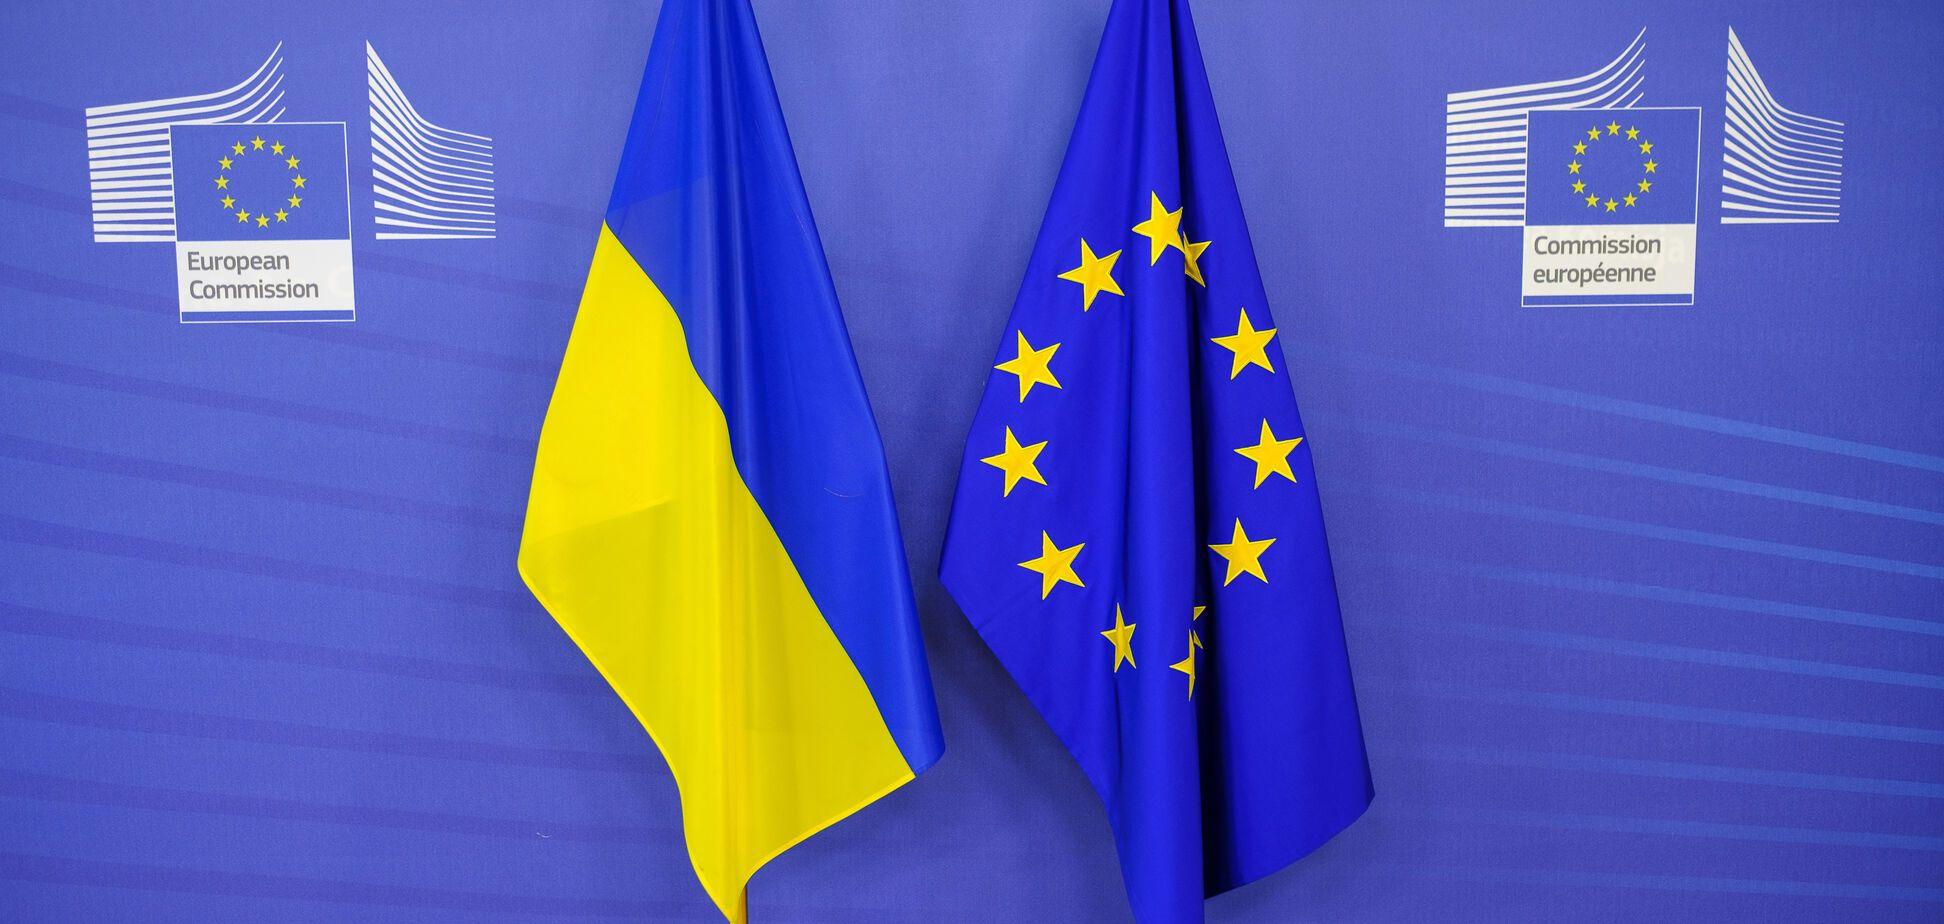 ЕС похоронил идею? Стало известно о серьезных проблемах с 'планом Маршалла' для Украины